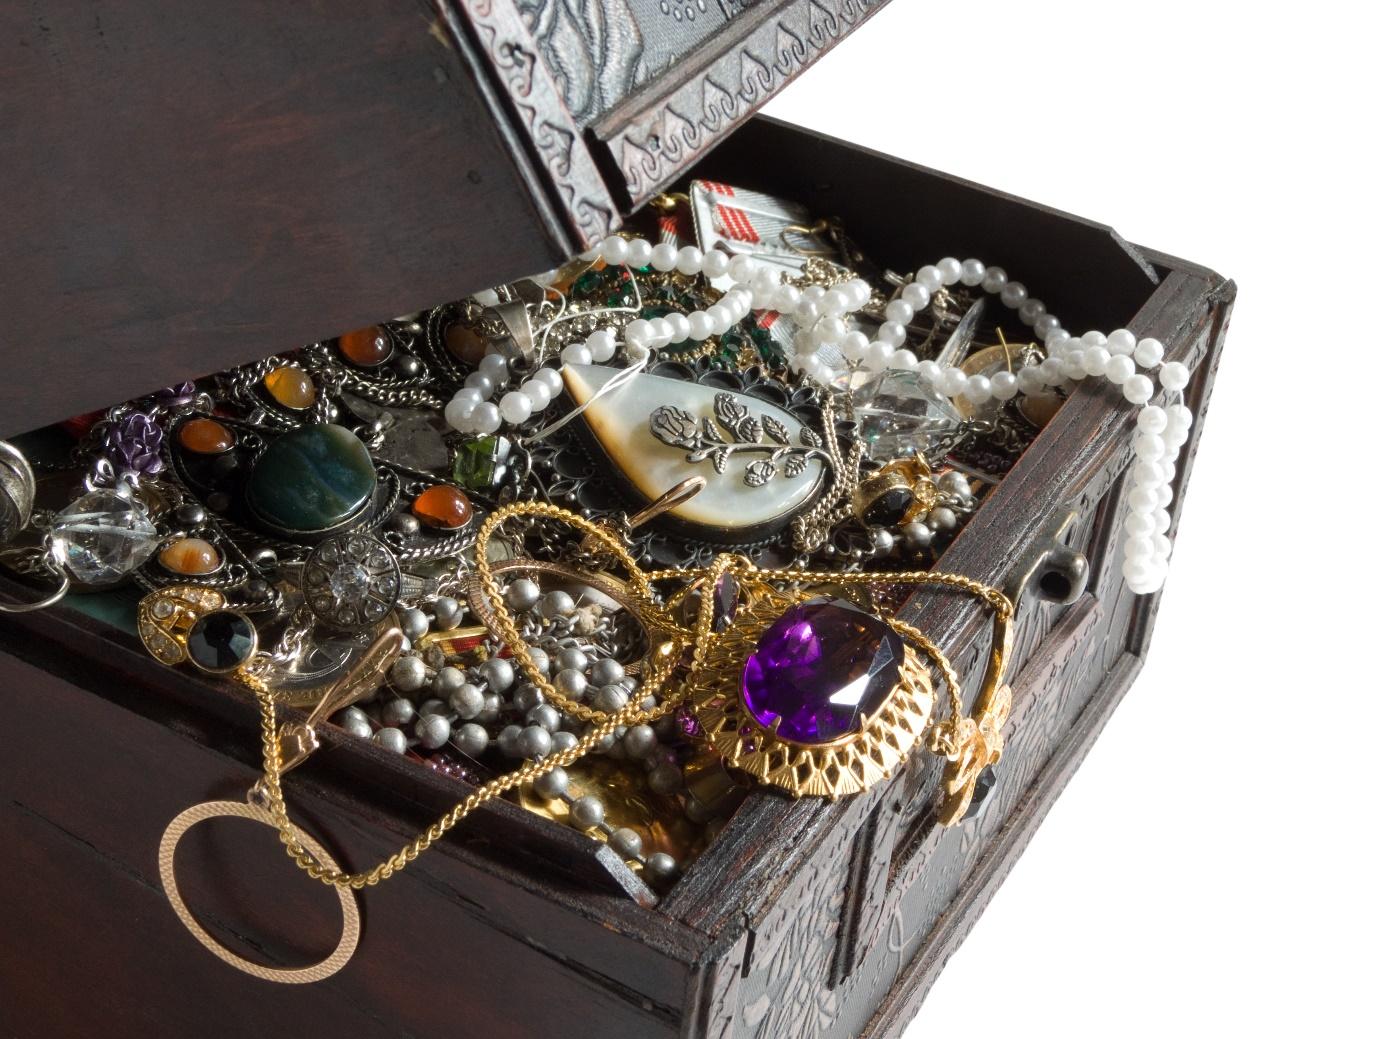 coffre à bijoux avec colliers emmêlés